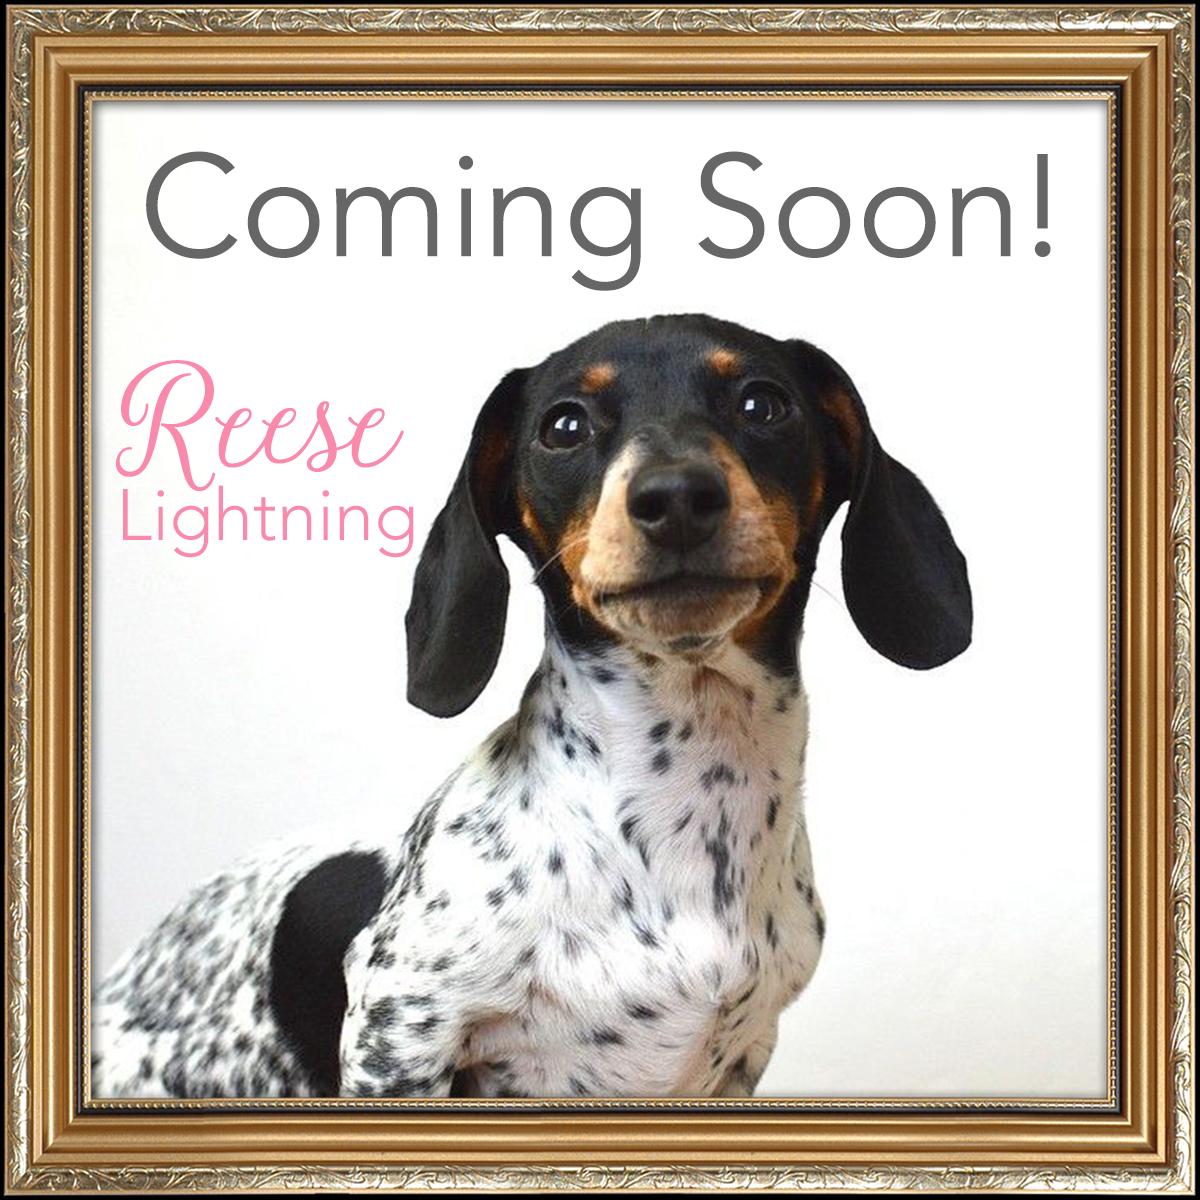 Reese the dachshund